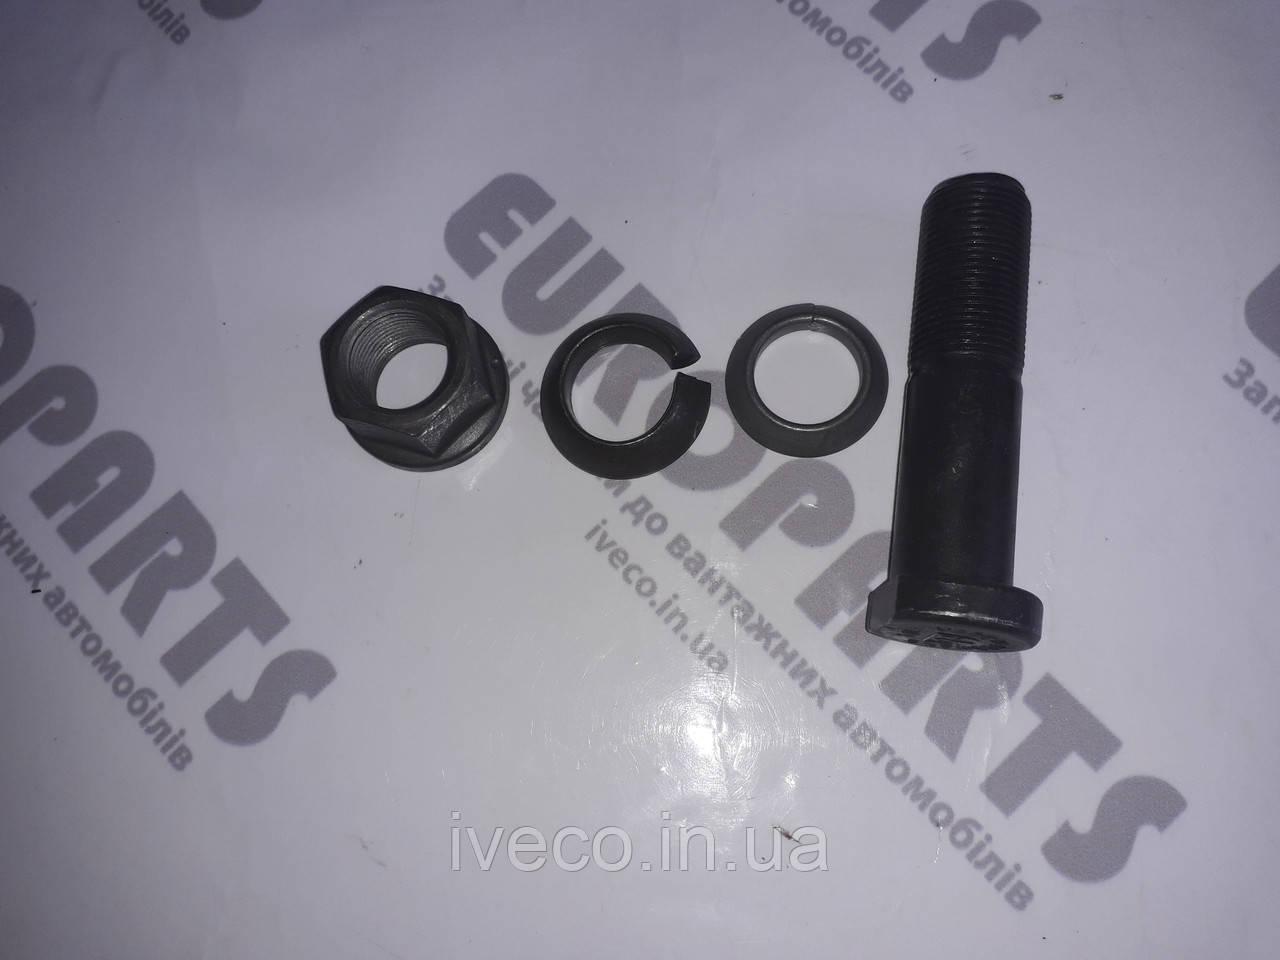 Болт колеса, шпилька MERCEDES ATEGO Атего M18x1,5x60mm 3144020071  A3144020071  FE06273 взборе